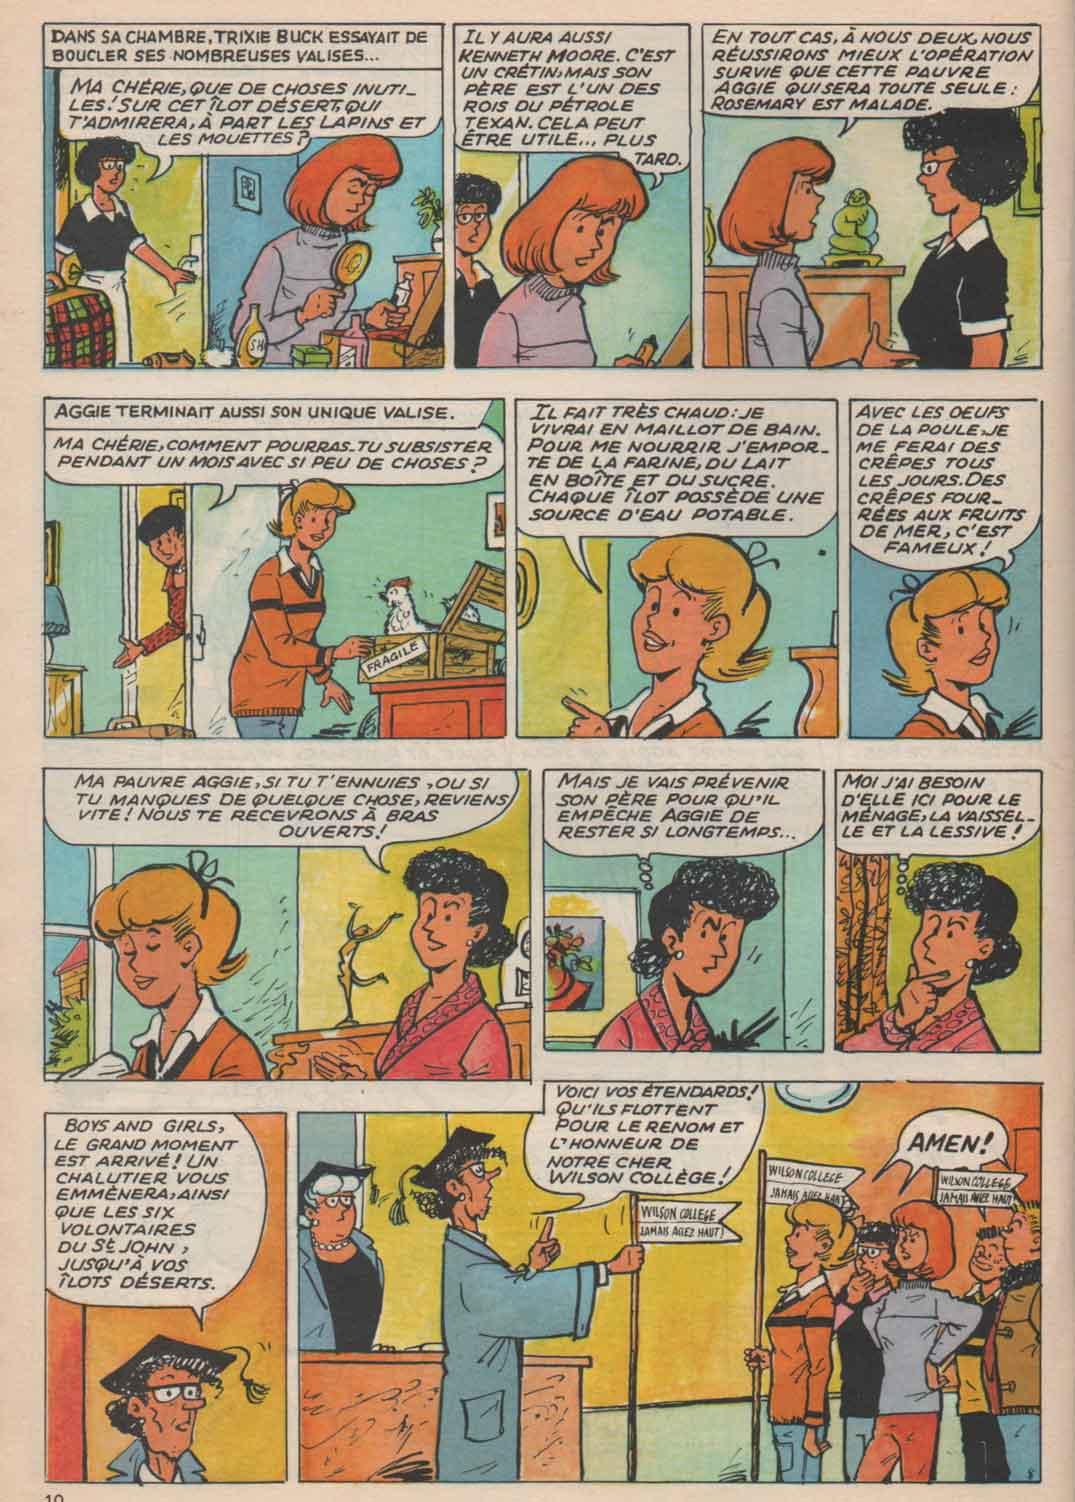 «Aggie et l'opération survie»: même page reprise par Pierre Lacroix (1979).